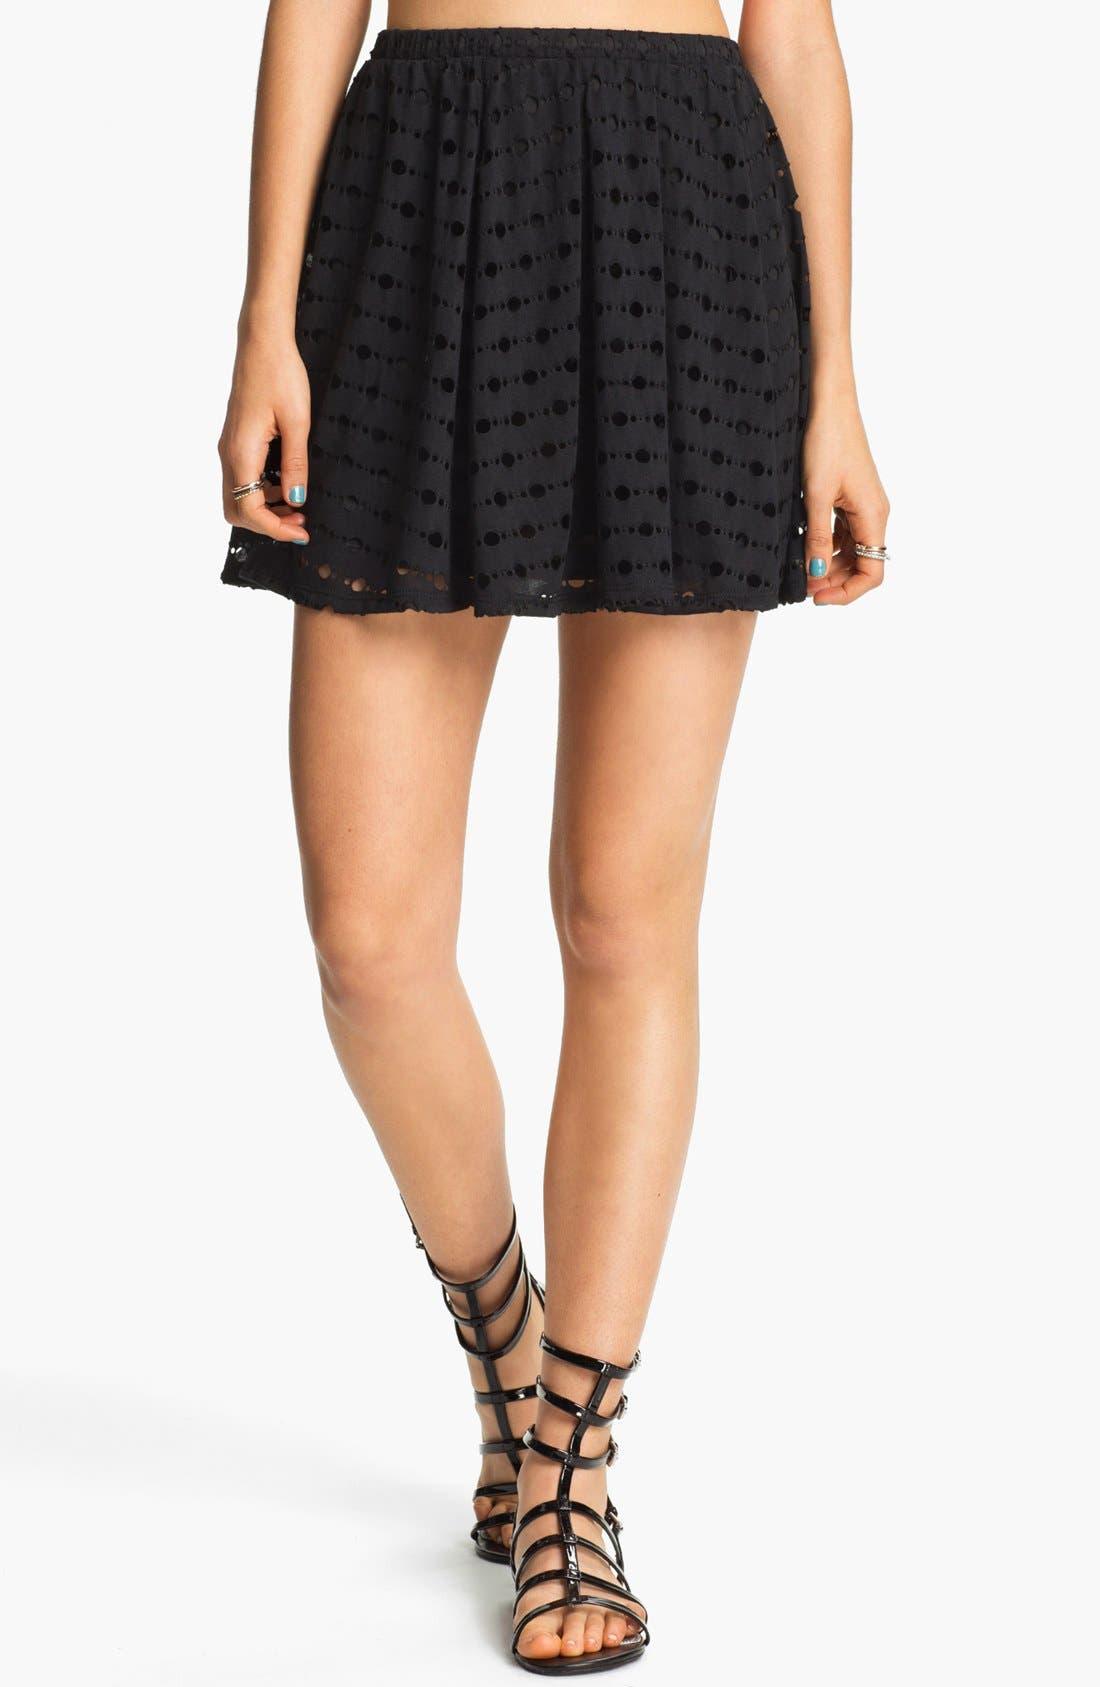 Alternate Image 1 Selected - h.i.p. 'Deconstructed' Skater Skirt (Juniors)